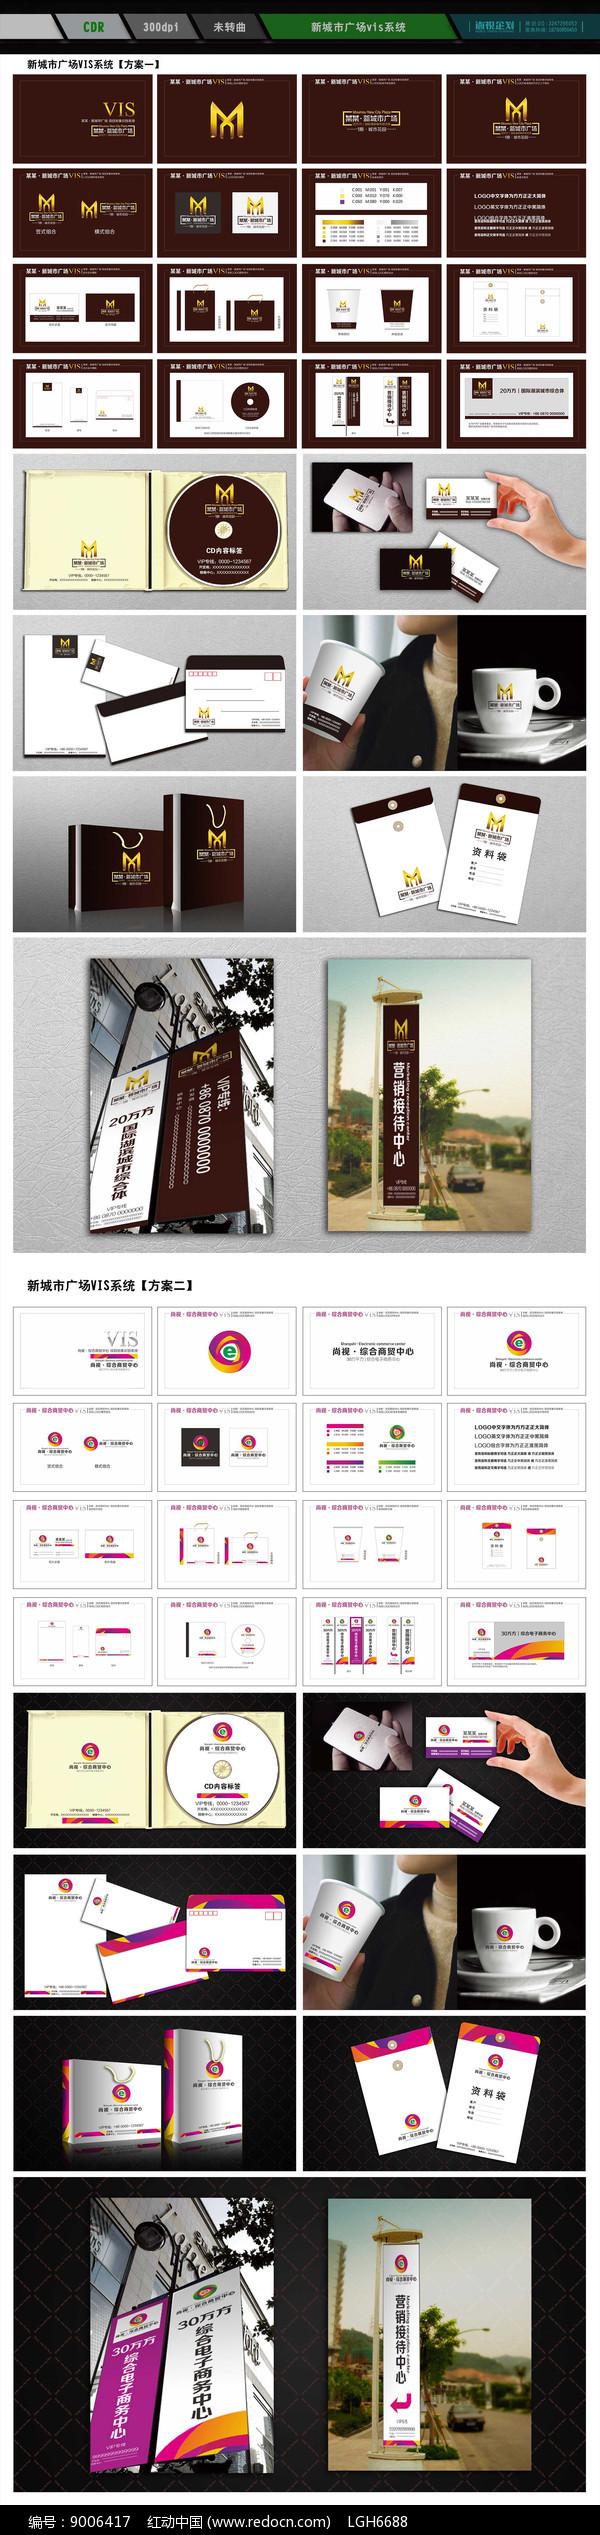 尚视新城中心广场VI手册图片